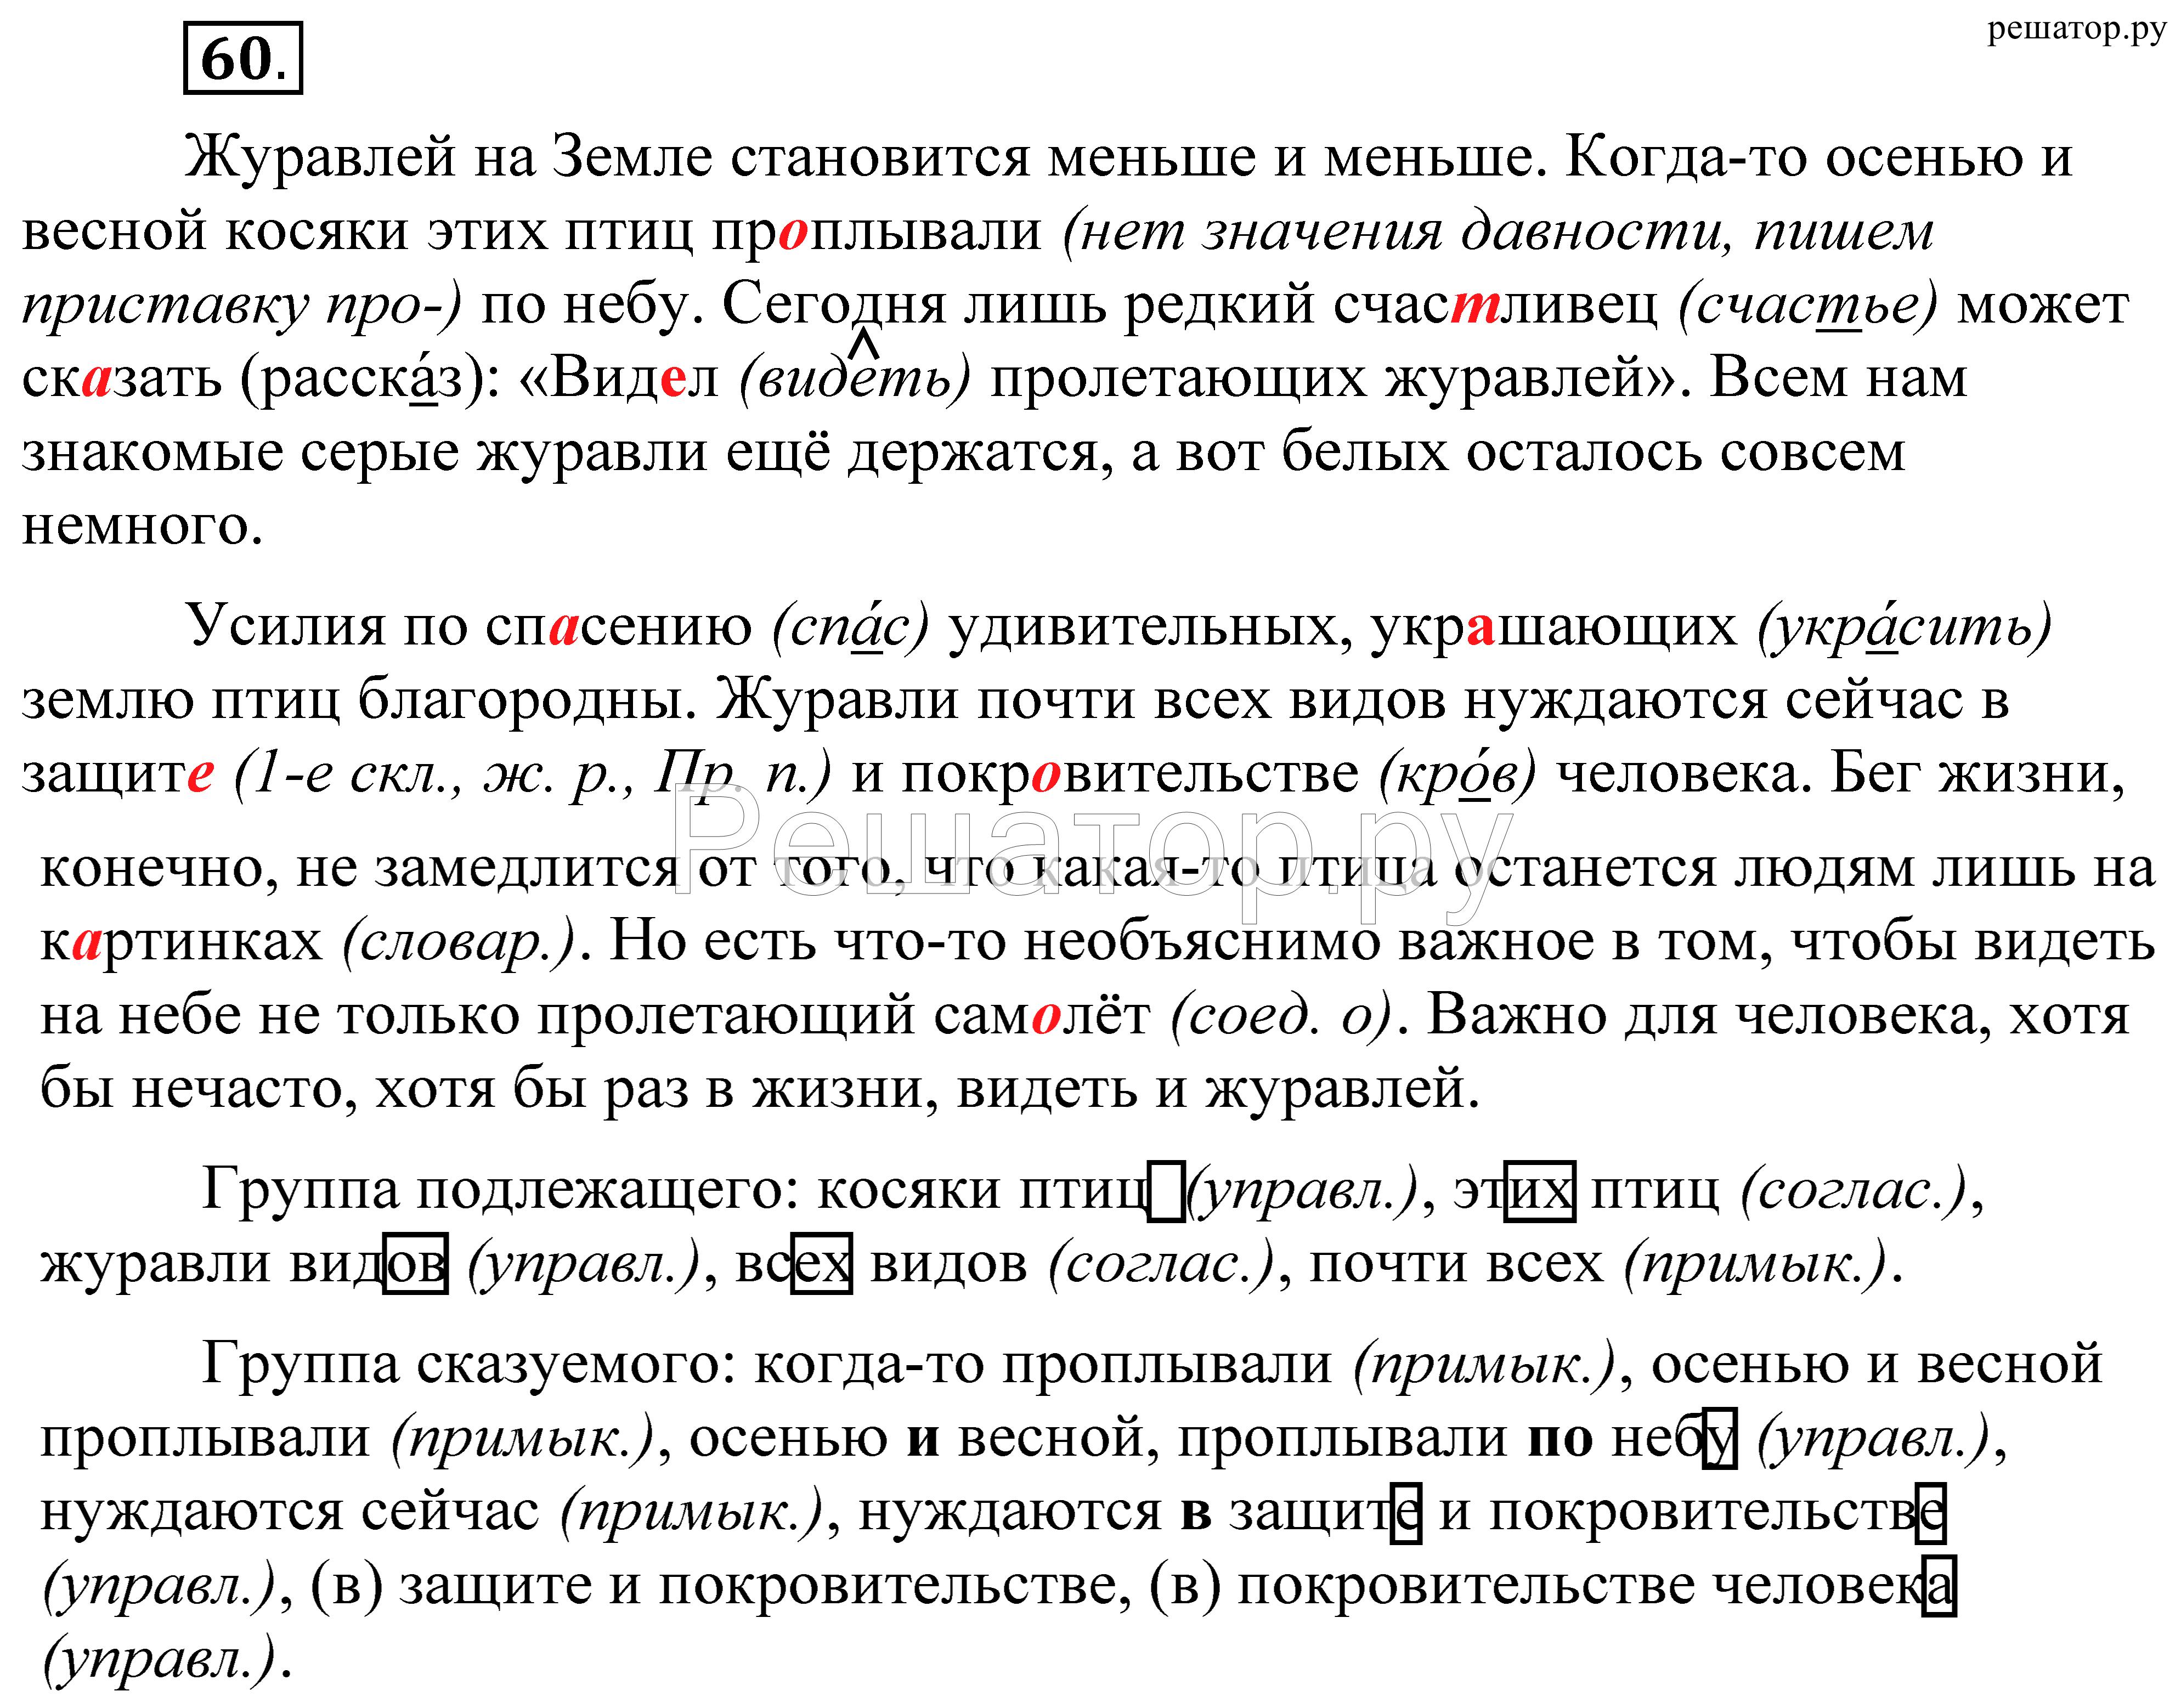 Гдз по русскому языку практика ю.с.пичугов, а.п.еремеева, а.ю.купалова, в.в.леденёва